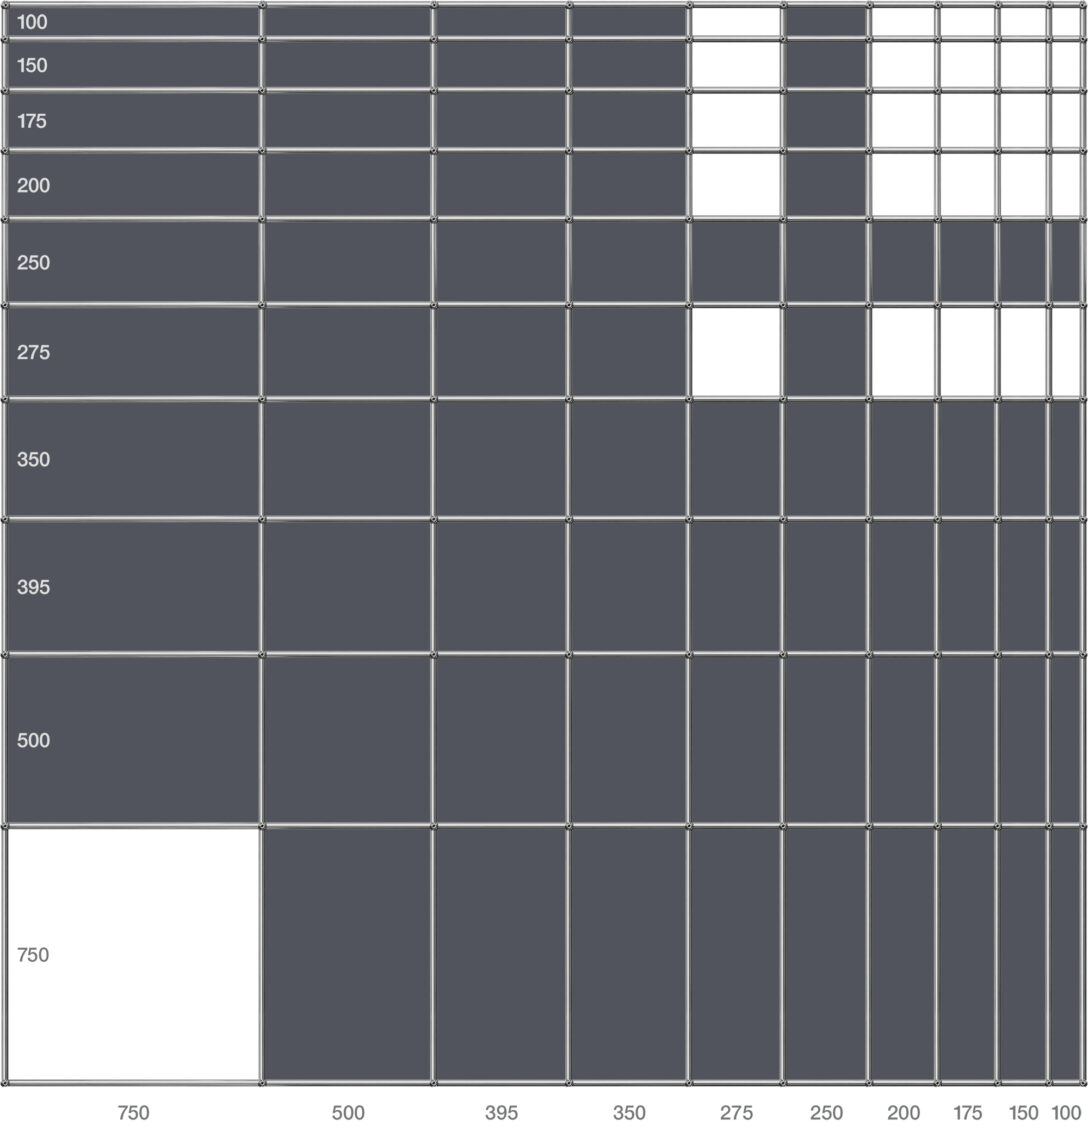 Large Size of Usm Regal Konfigurator Haller Regalsysteme Gebraucht Regalsystem Doctoral Regalia Weiss Abbau Abbauen Auseinanderbauen Schwarz Occasion Wohn Design Systeme Regal Usm Regal